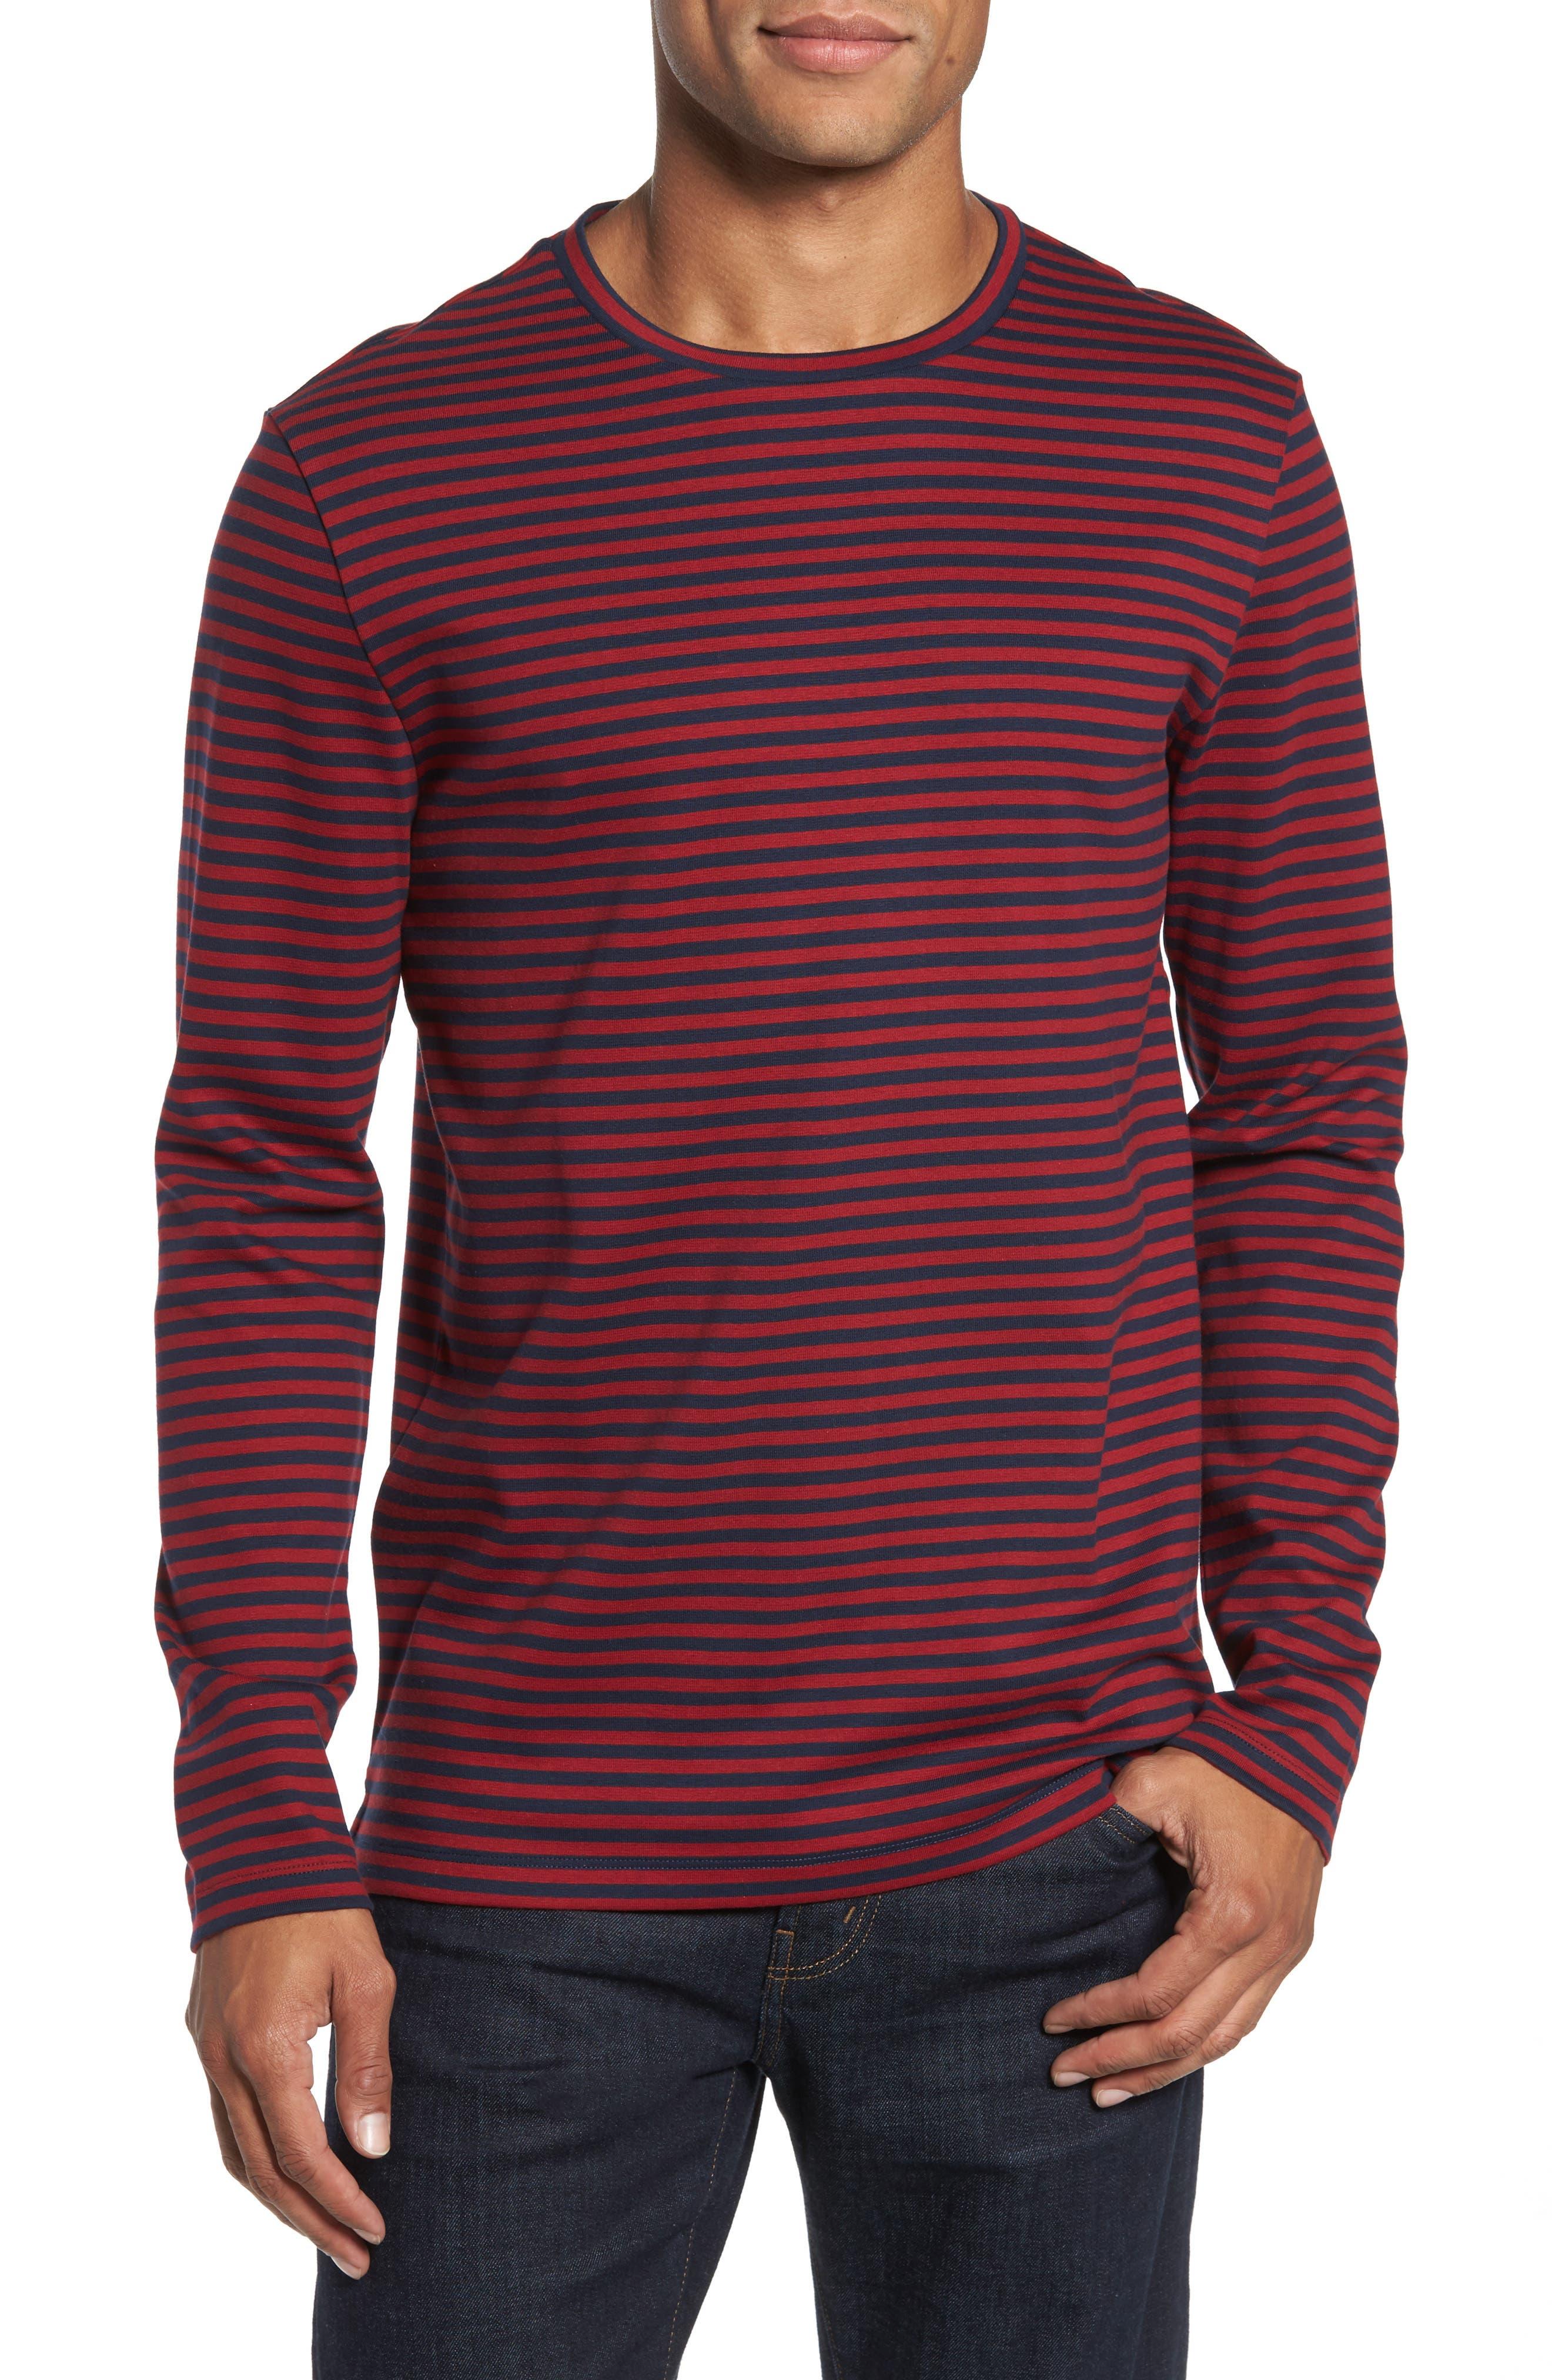 Alternate Image 1 Selected - BOSS Stripe Long Sleeve T-Shirt